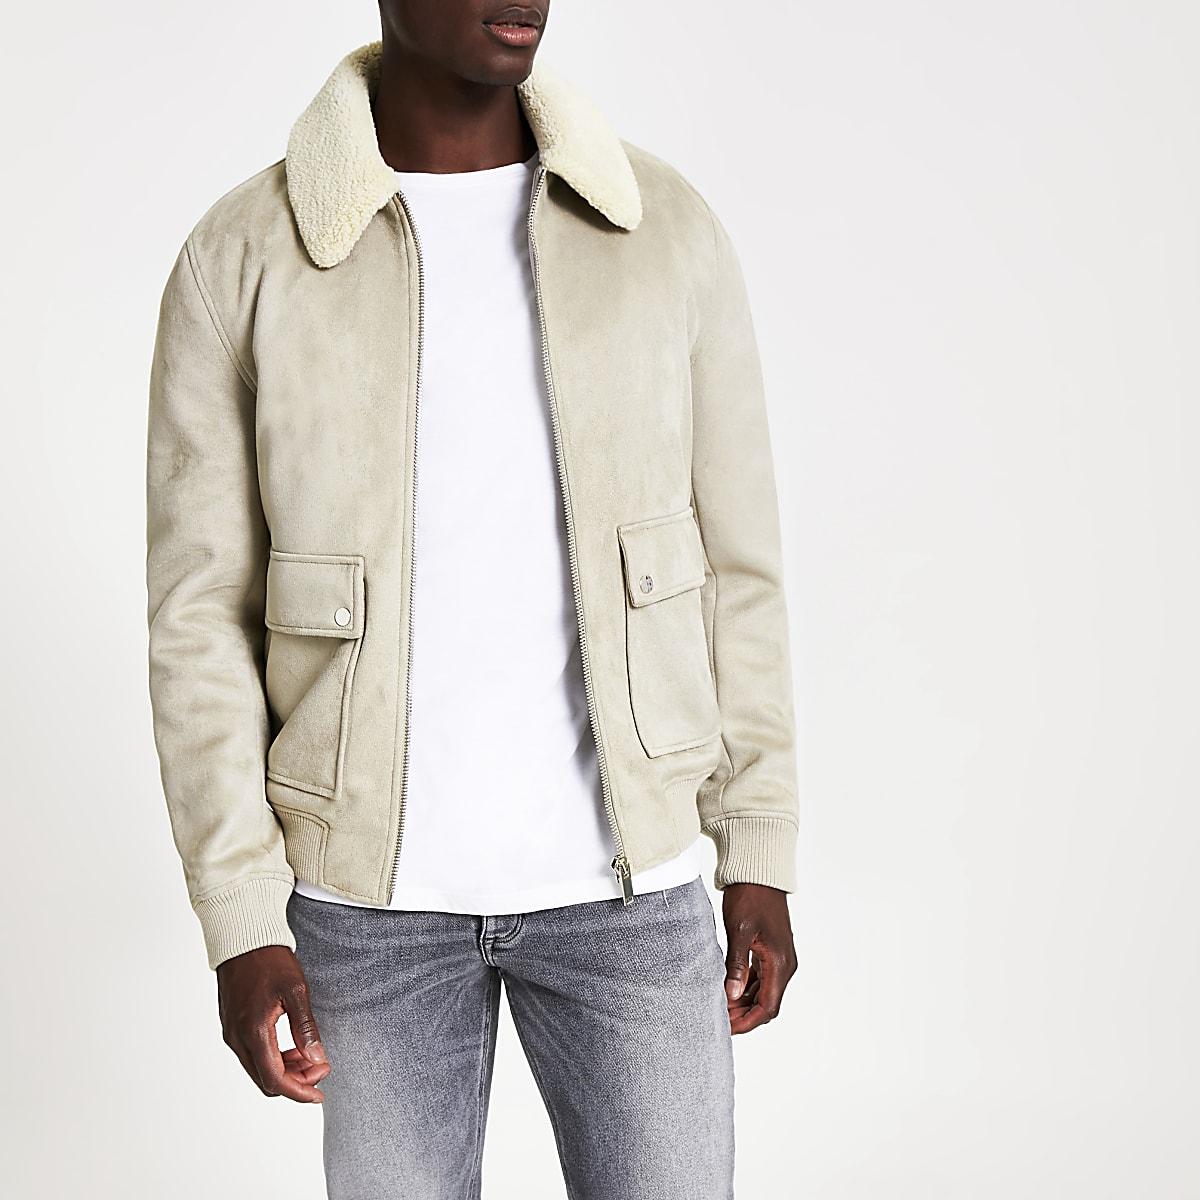 Veste en suédine grise avec col en peau de mouton